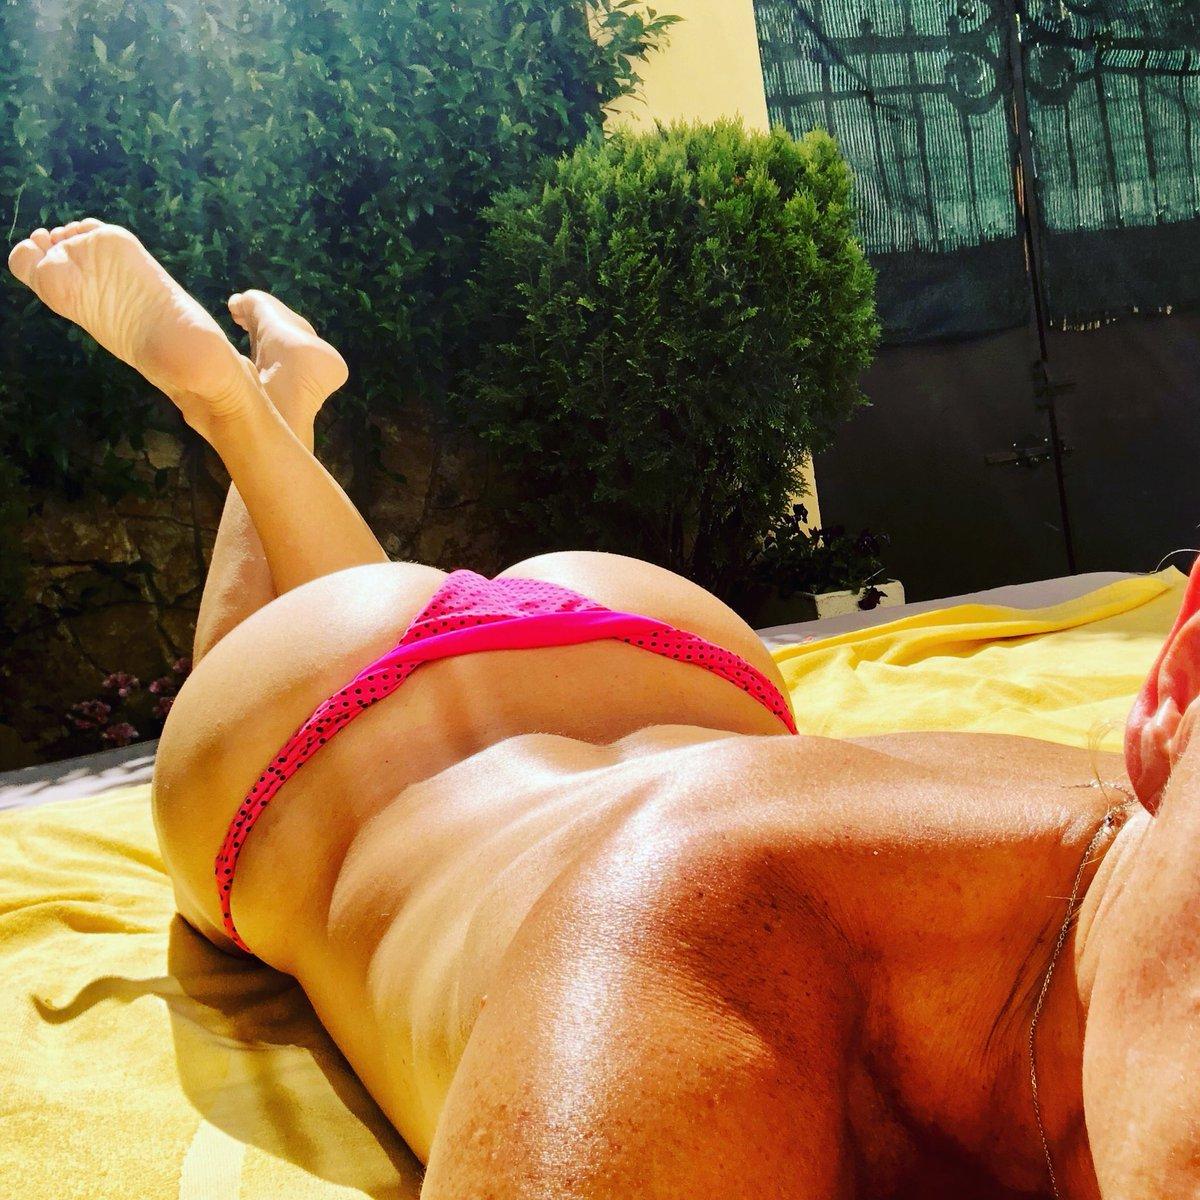 Estoy feliz, pero muy feliz tomando el sol... me encanta estar en mi jardín, quieres venir ponerme crema